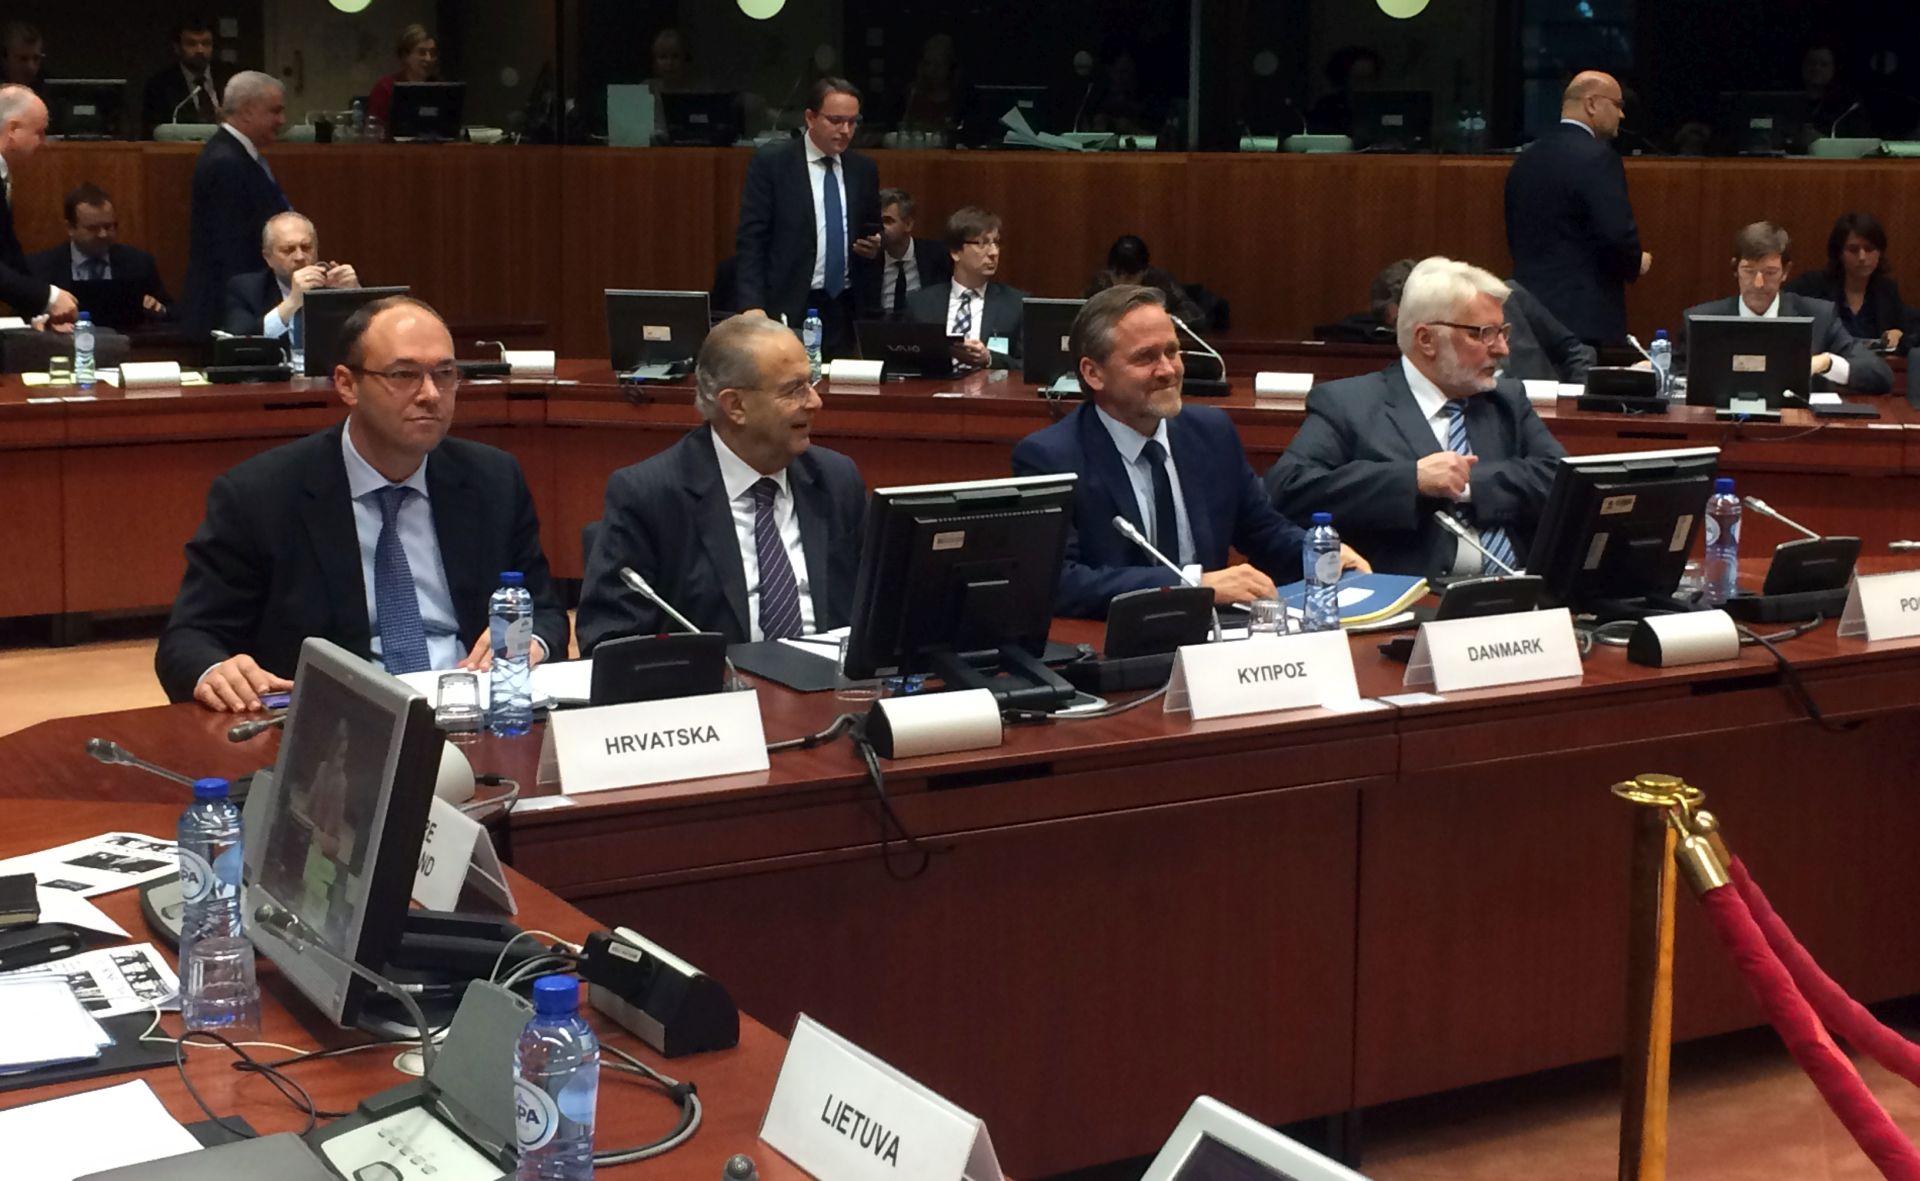 STIER: Očekuju se uspješne konferencije o pristupanju za Srbiju i Crnu Goru